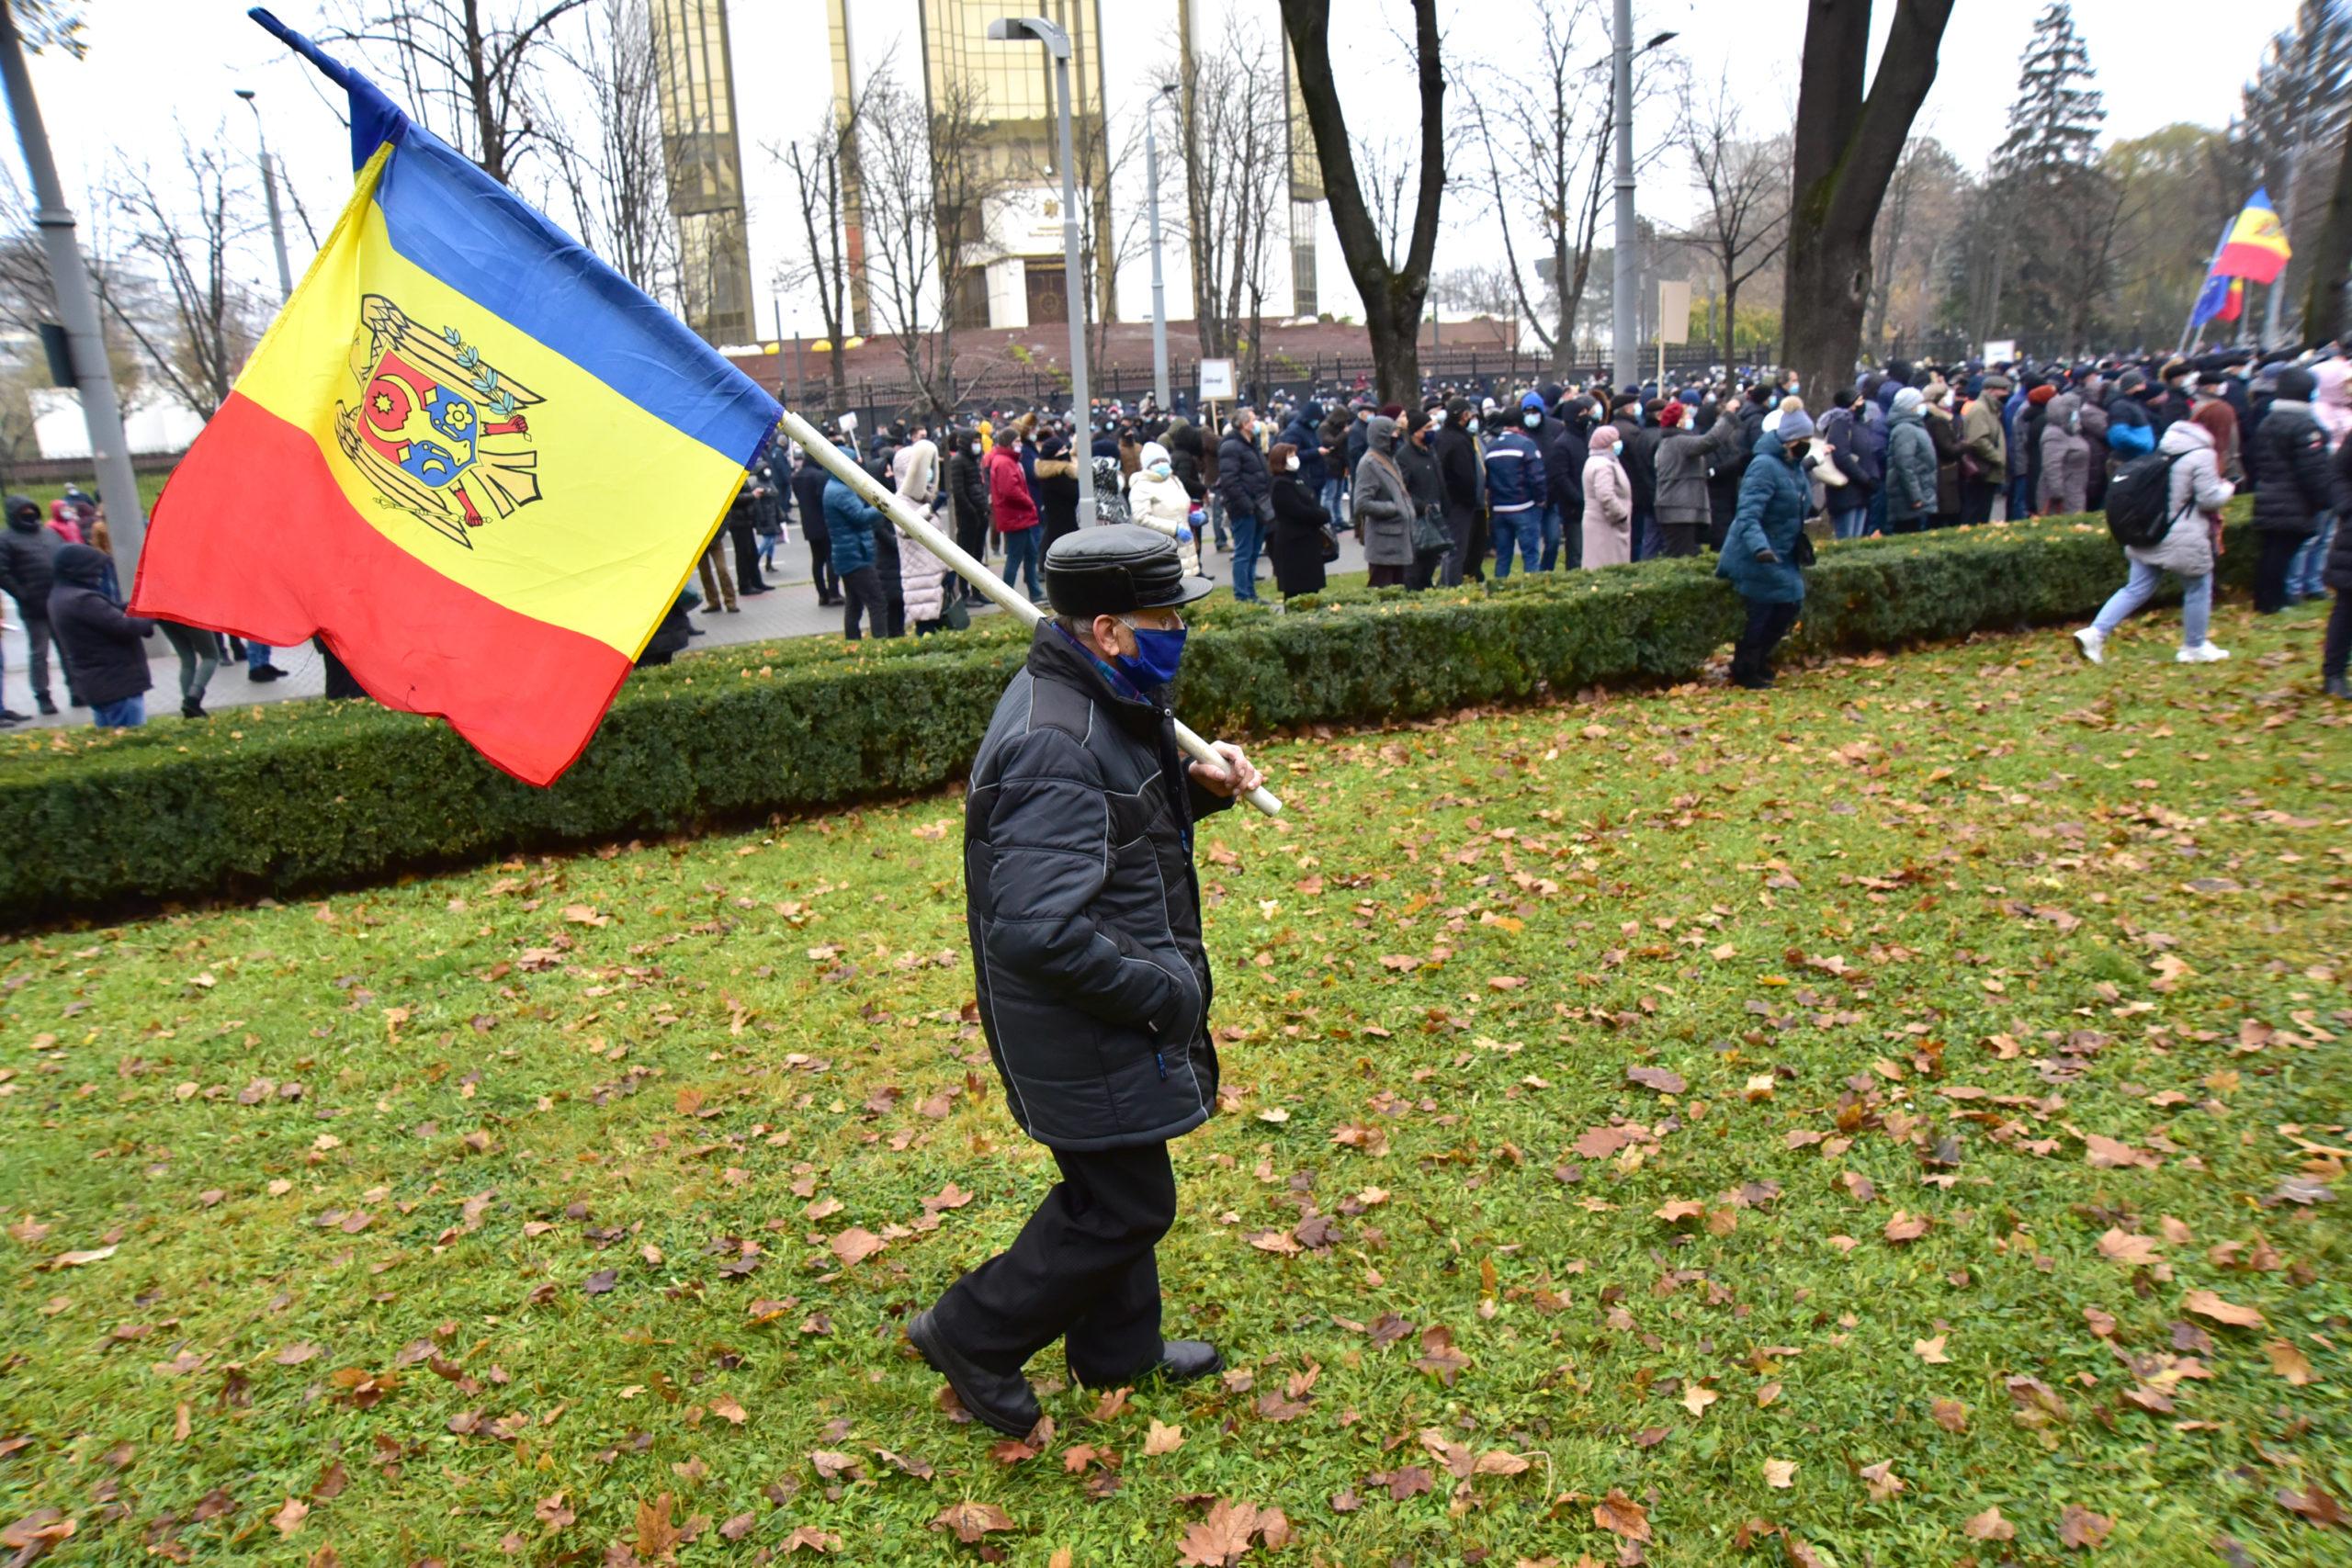 Legea privind SIS, demisia guvernului și alegeri anticipate. Cum s-a protestat la parlament (FOTOREPORTAJ)